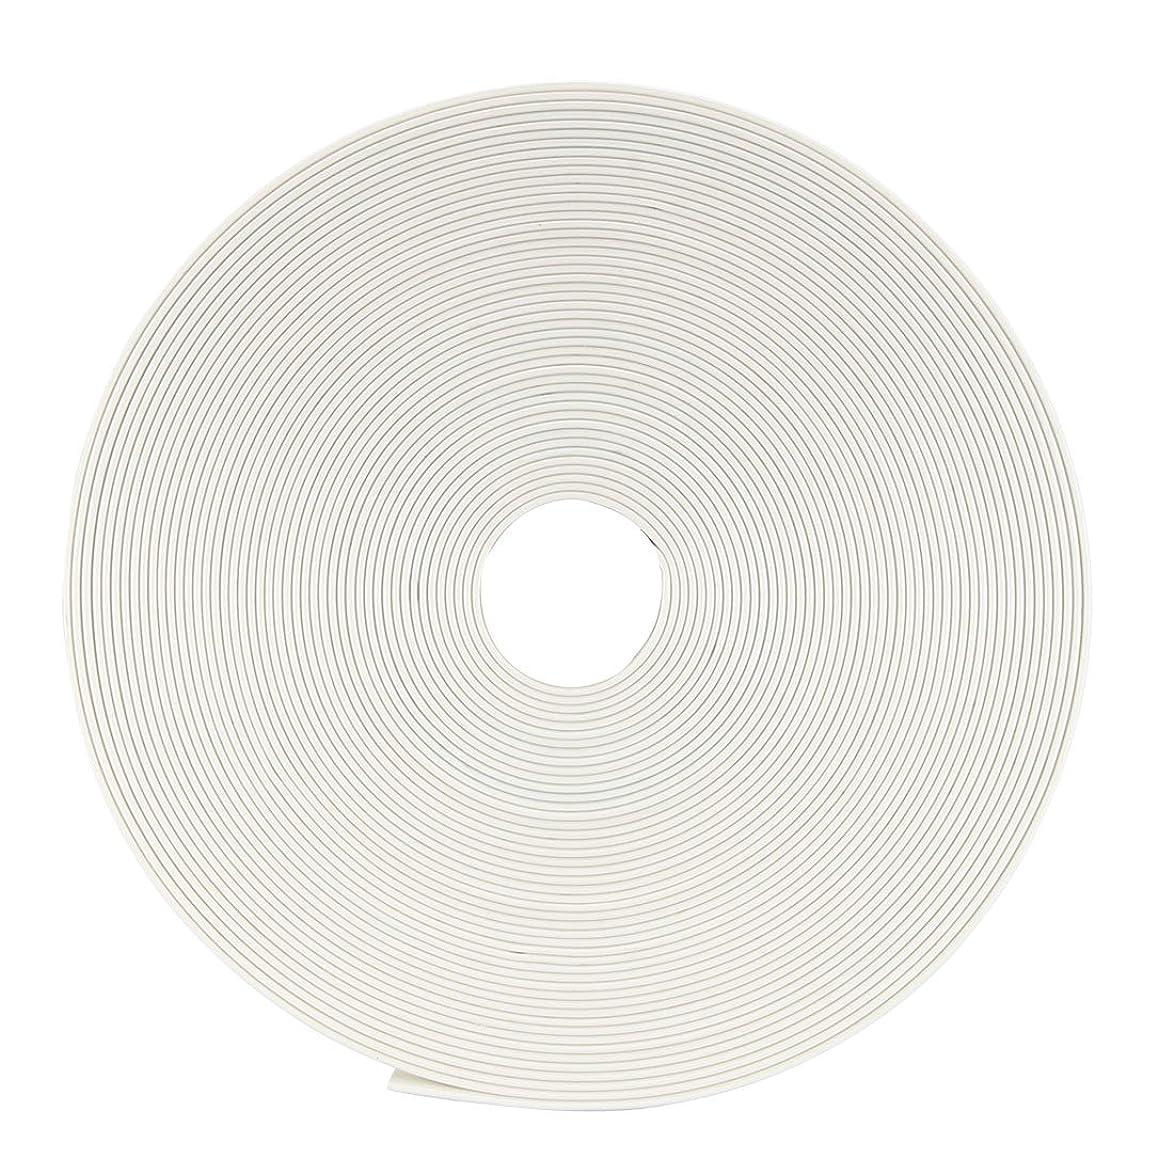 忠誠誠実ブリリアントuxcell 電気絶縁チューブ 熱収縮チューブ ワイヤ接続チューブ 縮小率2:1 直径8mm 長さ10m ホワイト